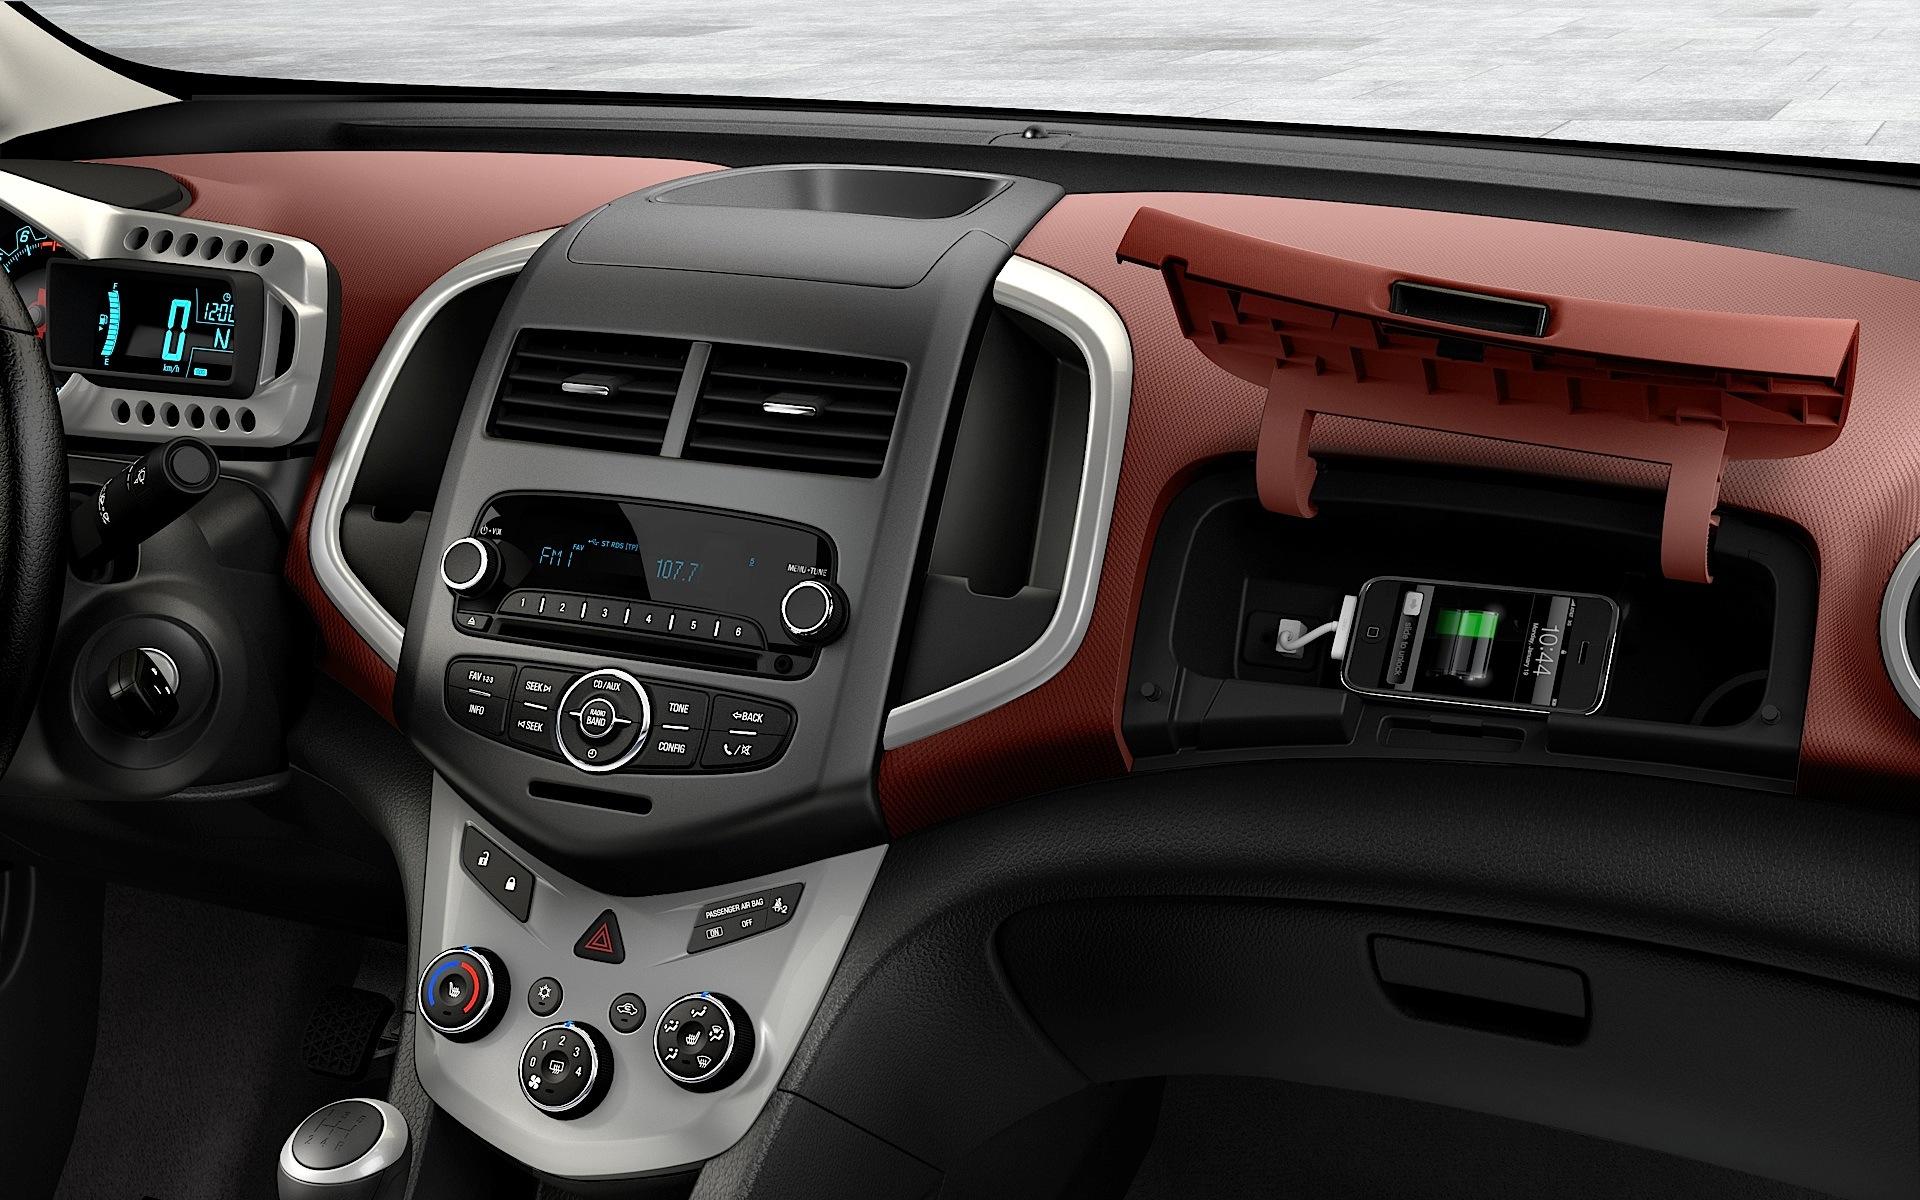 2013 Ford Fiesta Hatchback